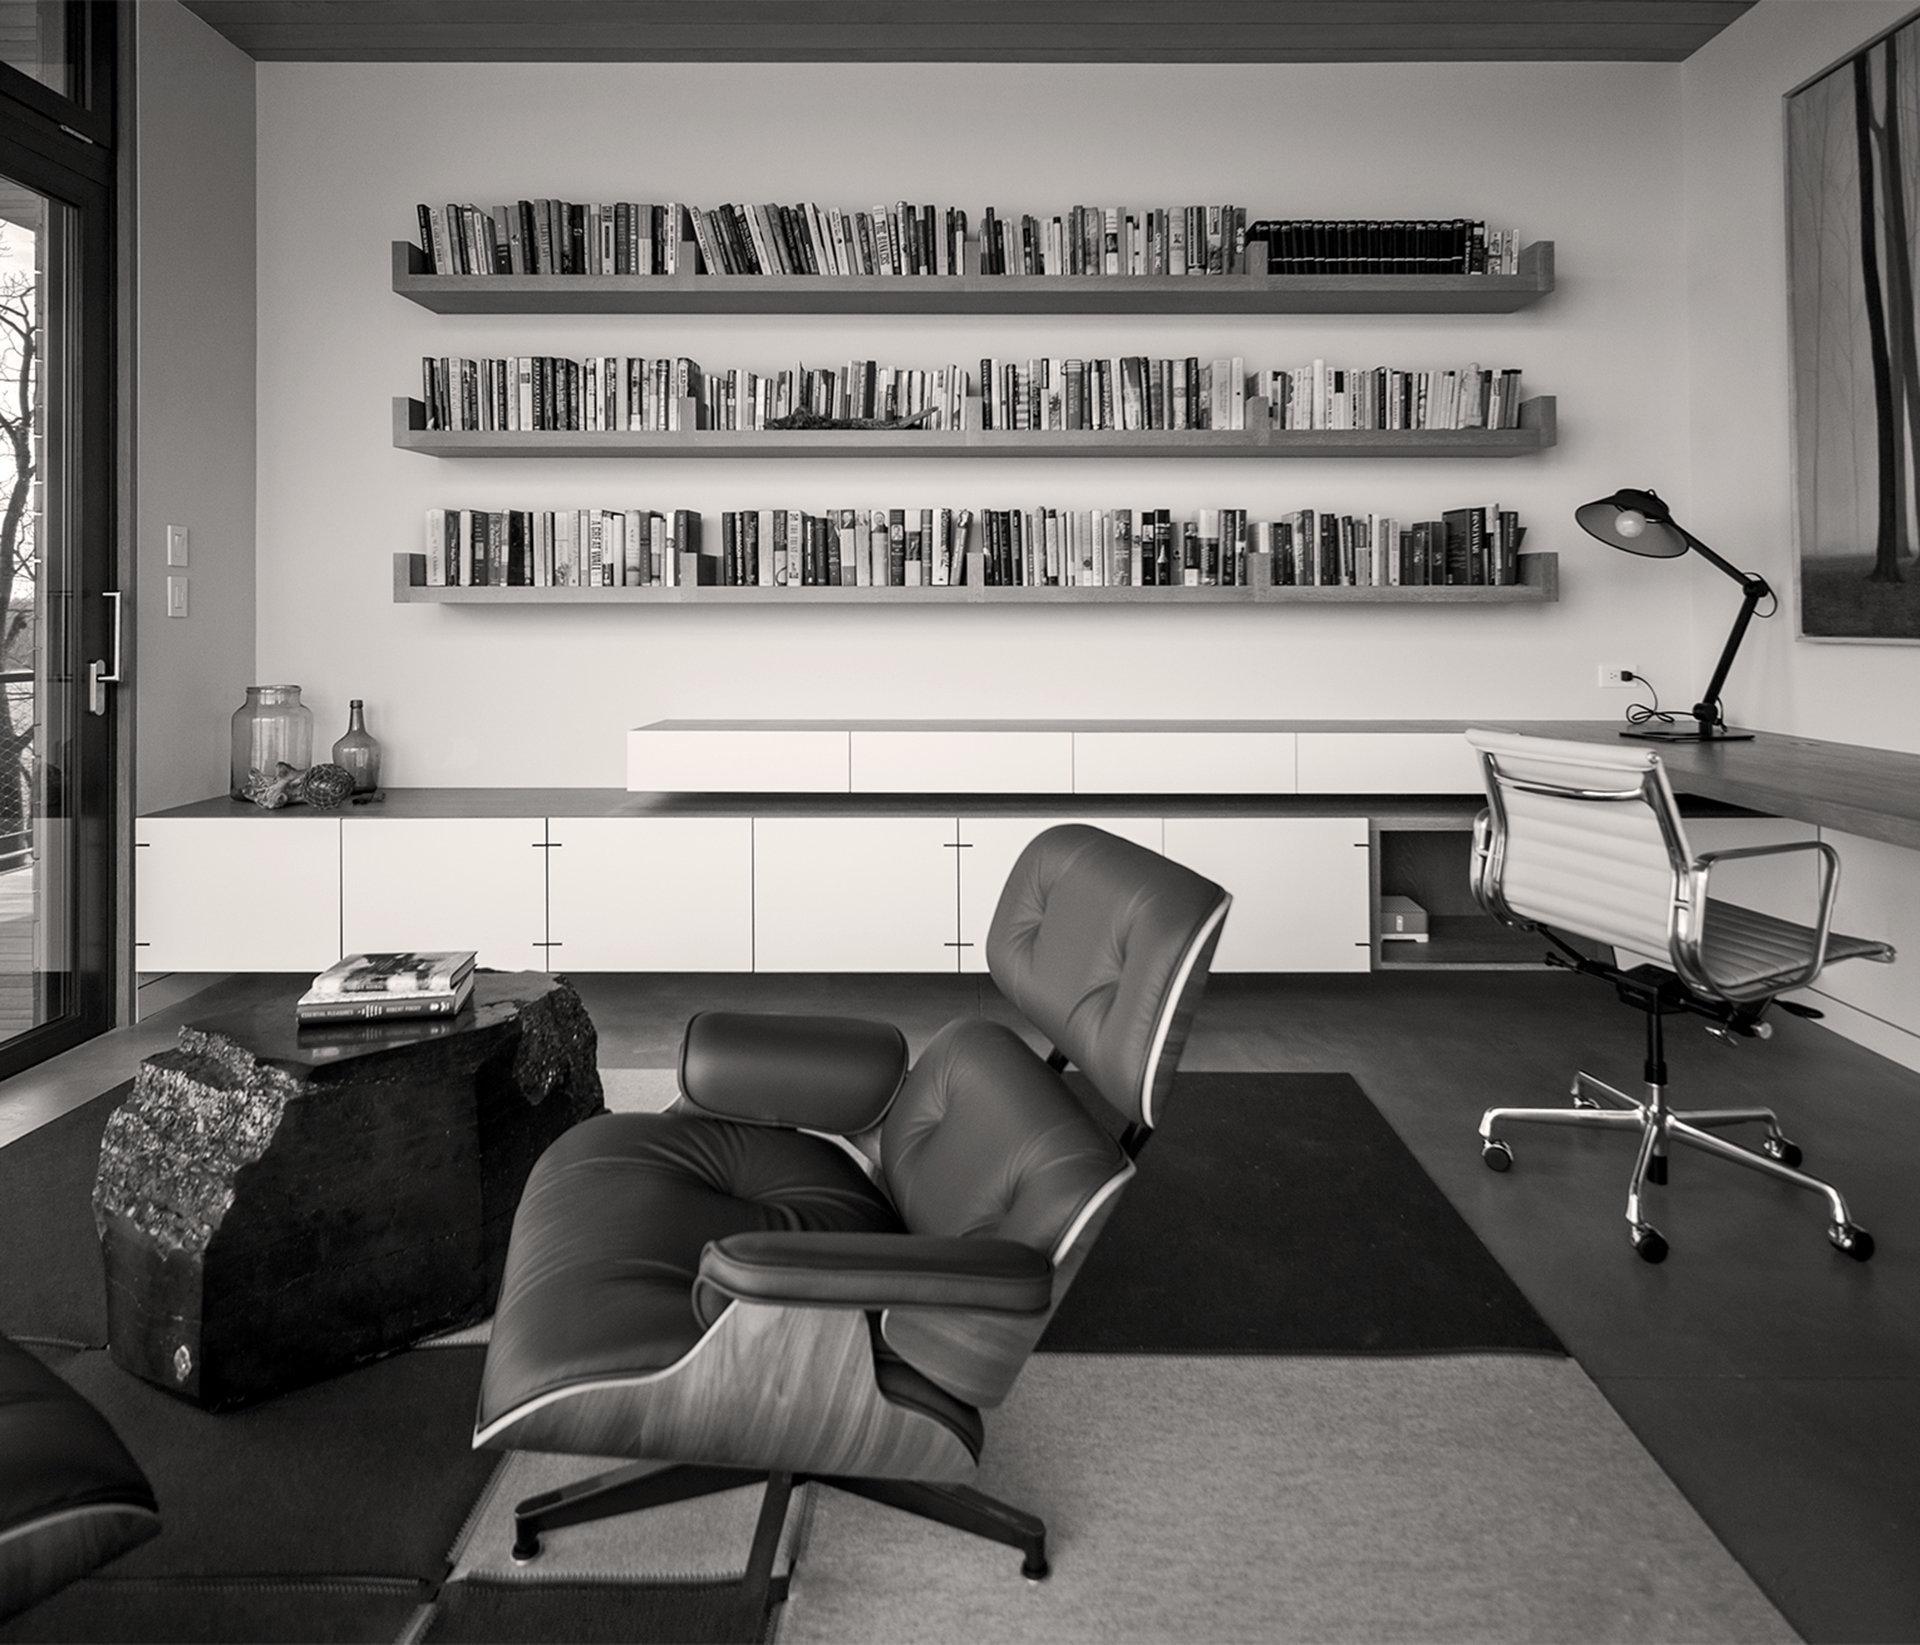 office_s_b_d_bw-6_7.jpg